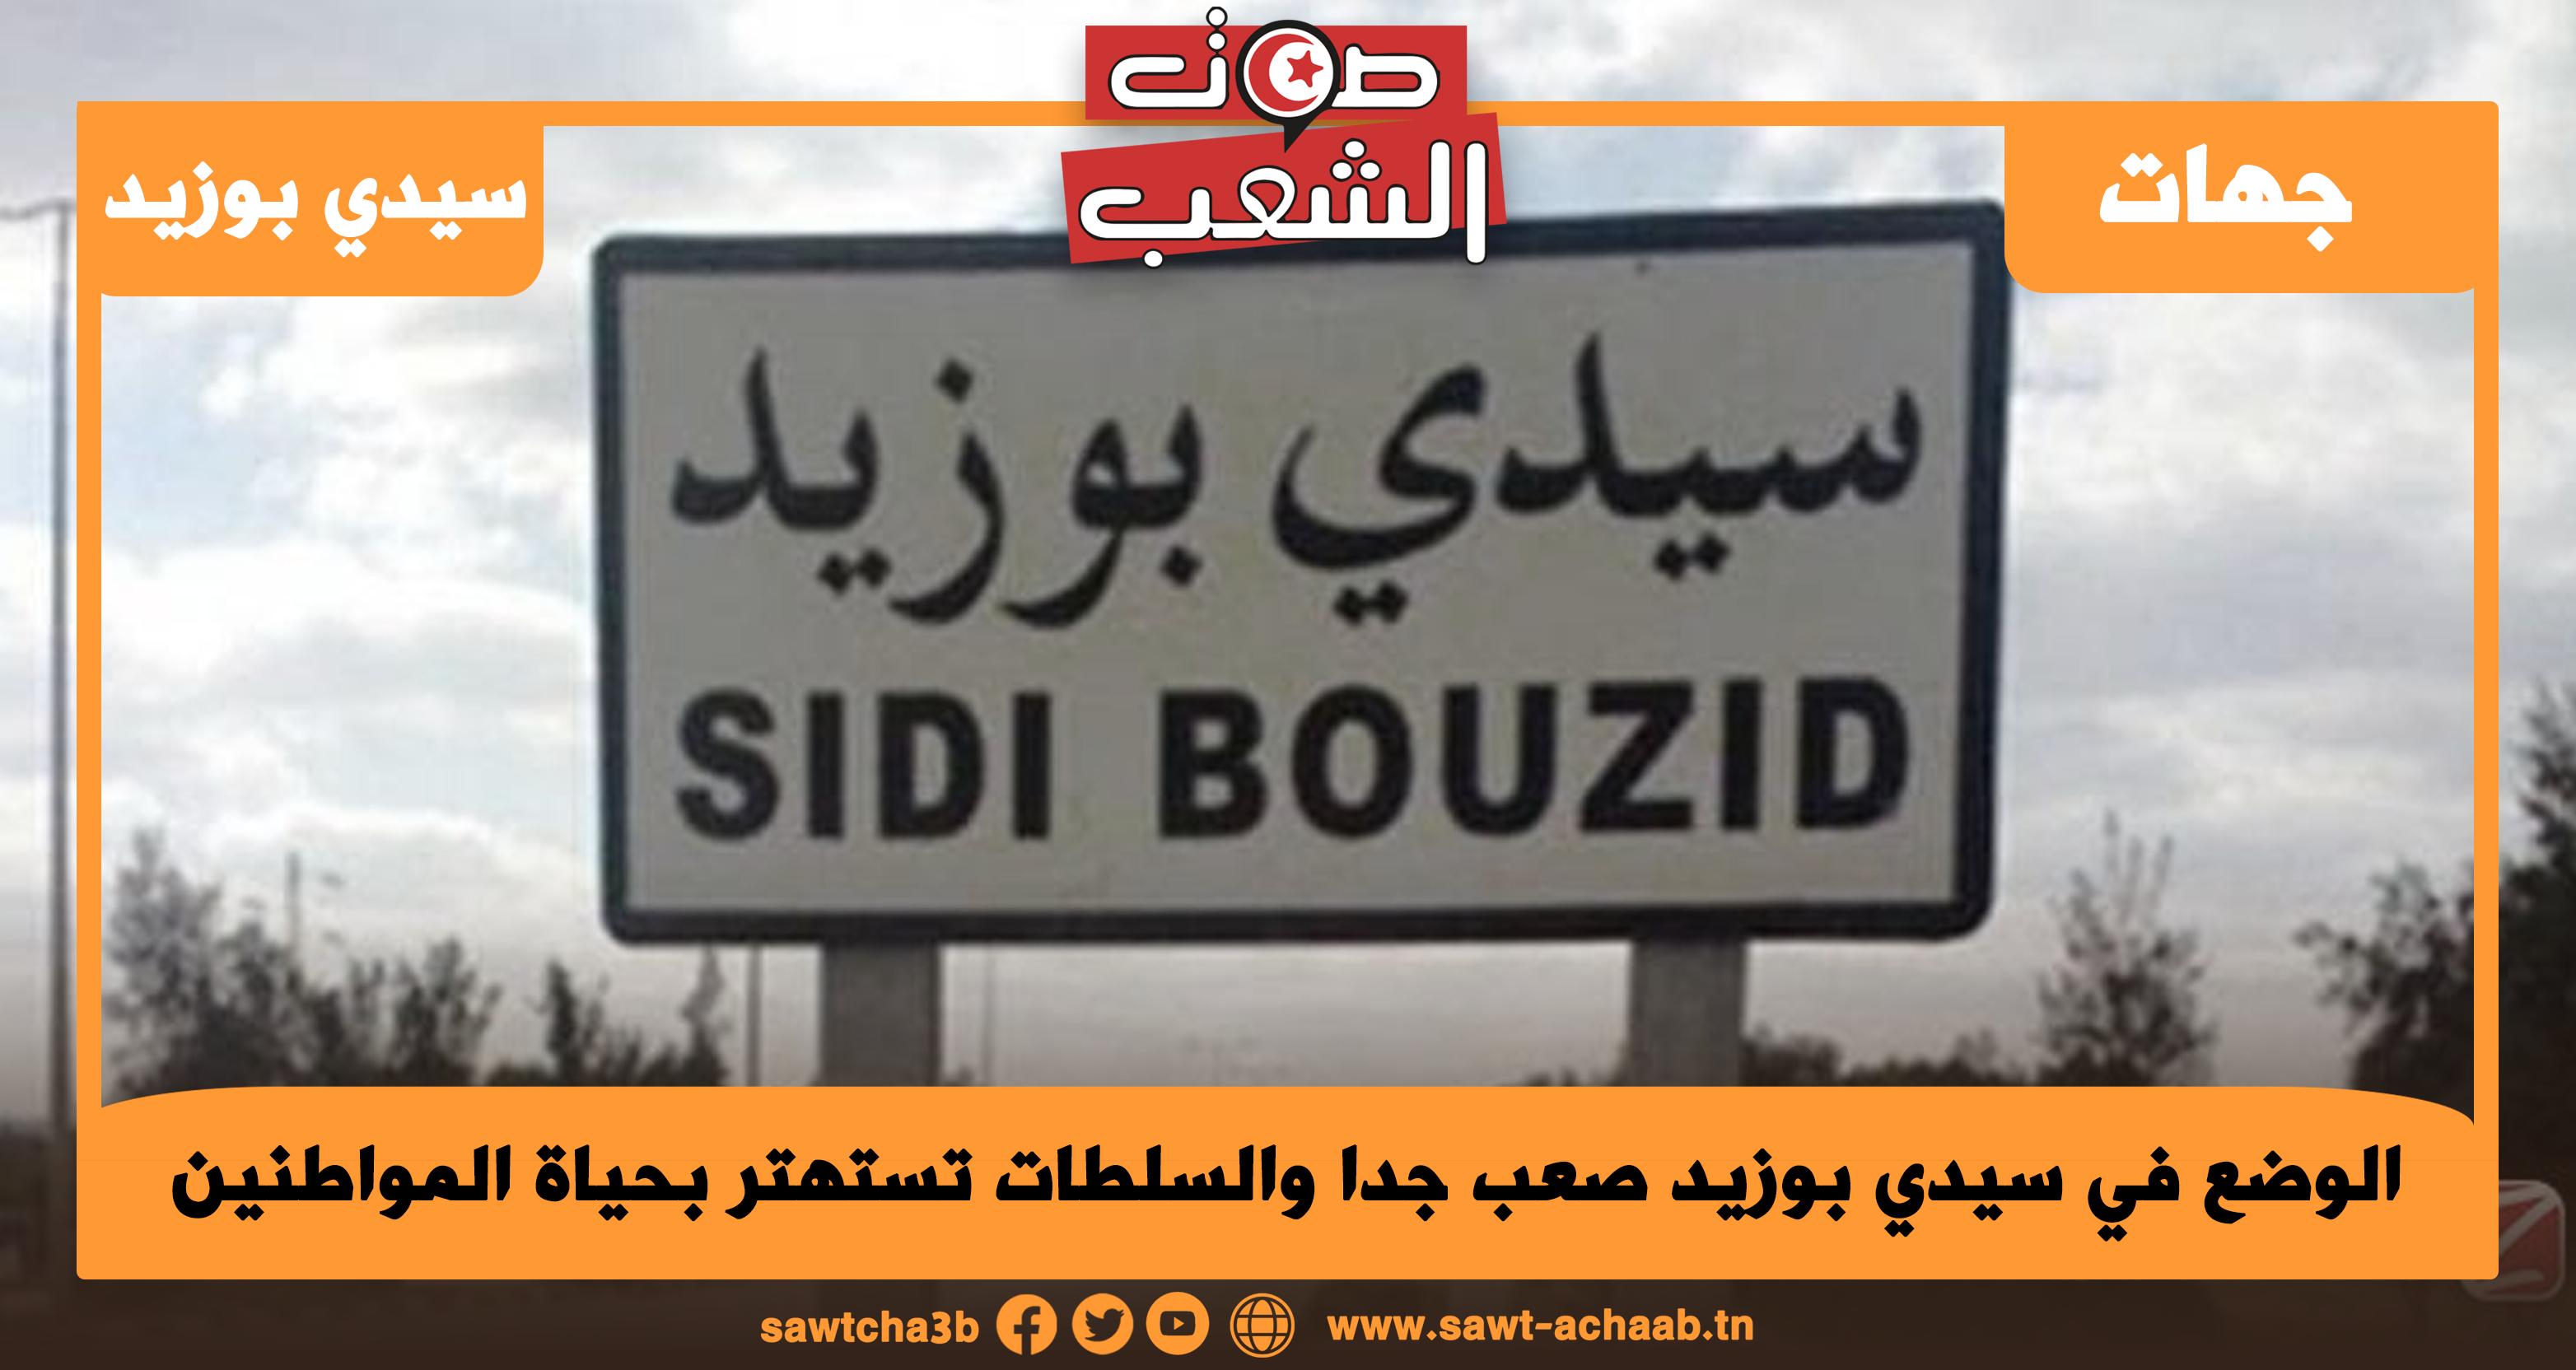 الوضع في سيدي بوزيد صعب جدا والسلطات تستهتر بحياة المواطنين